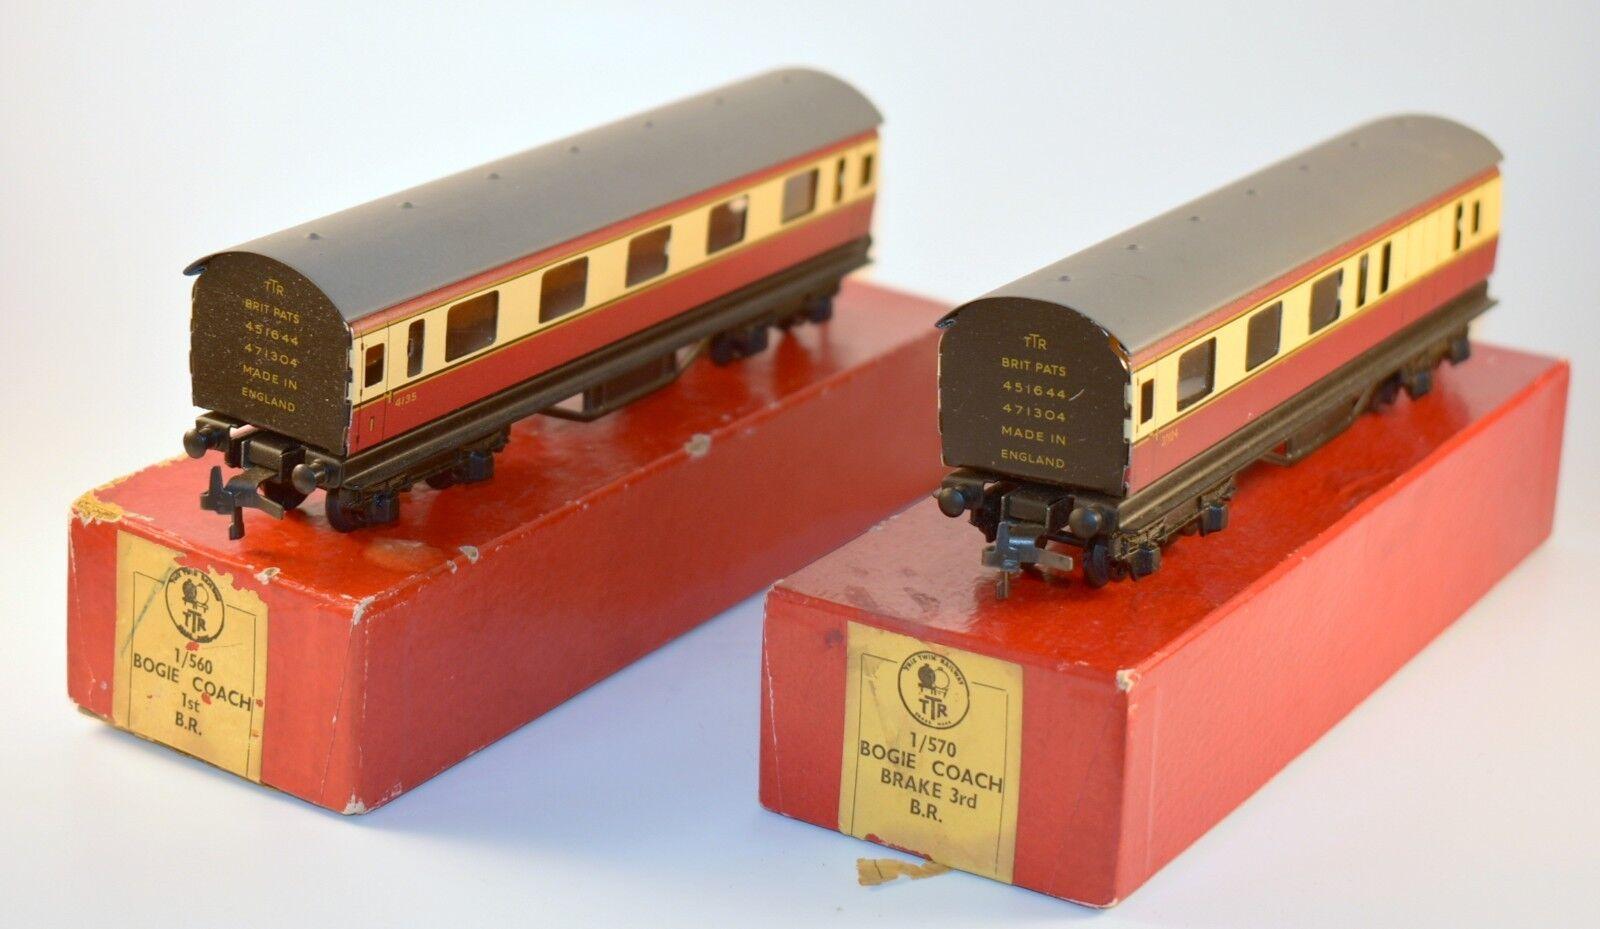 Lote de 2 de los ferrocarriles británicos bogie entrenadores Trix Con Cajas Originales